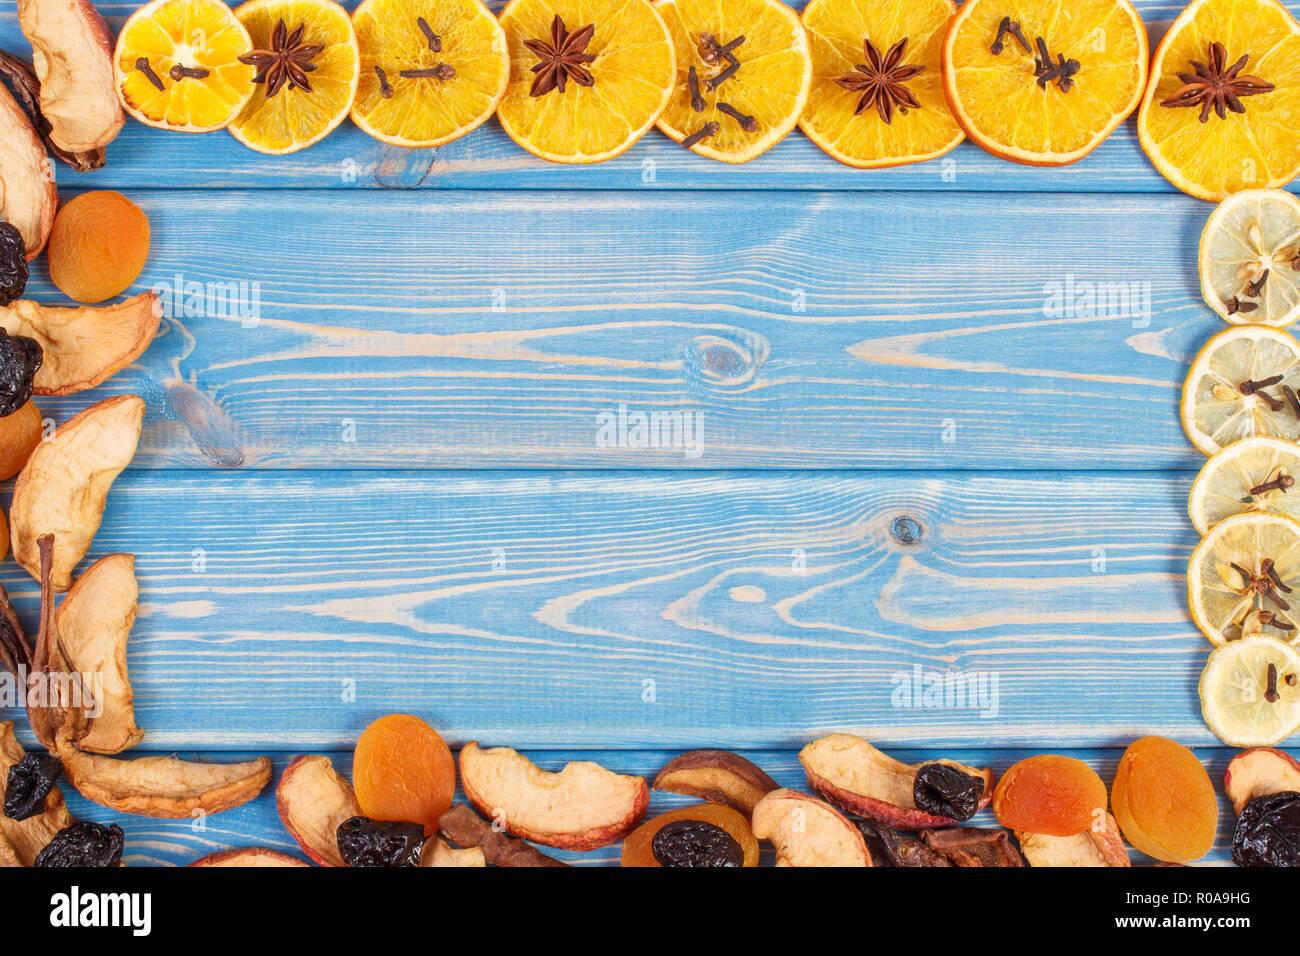 Rahmen der getrockneten Früchte und Gewürze für die Zubereitung von Getränken oder Kompott, plaace für Text oder Inschrift auf Leiterplatten Stockbild